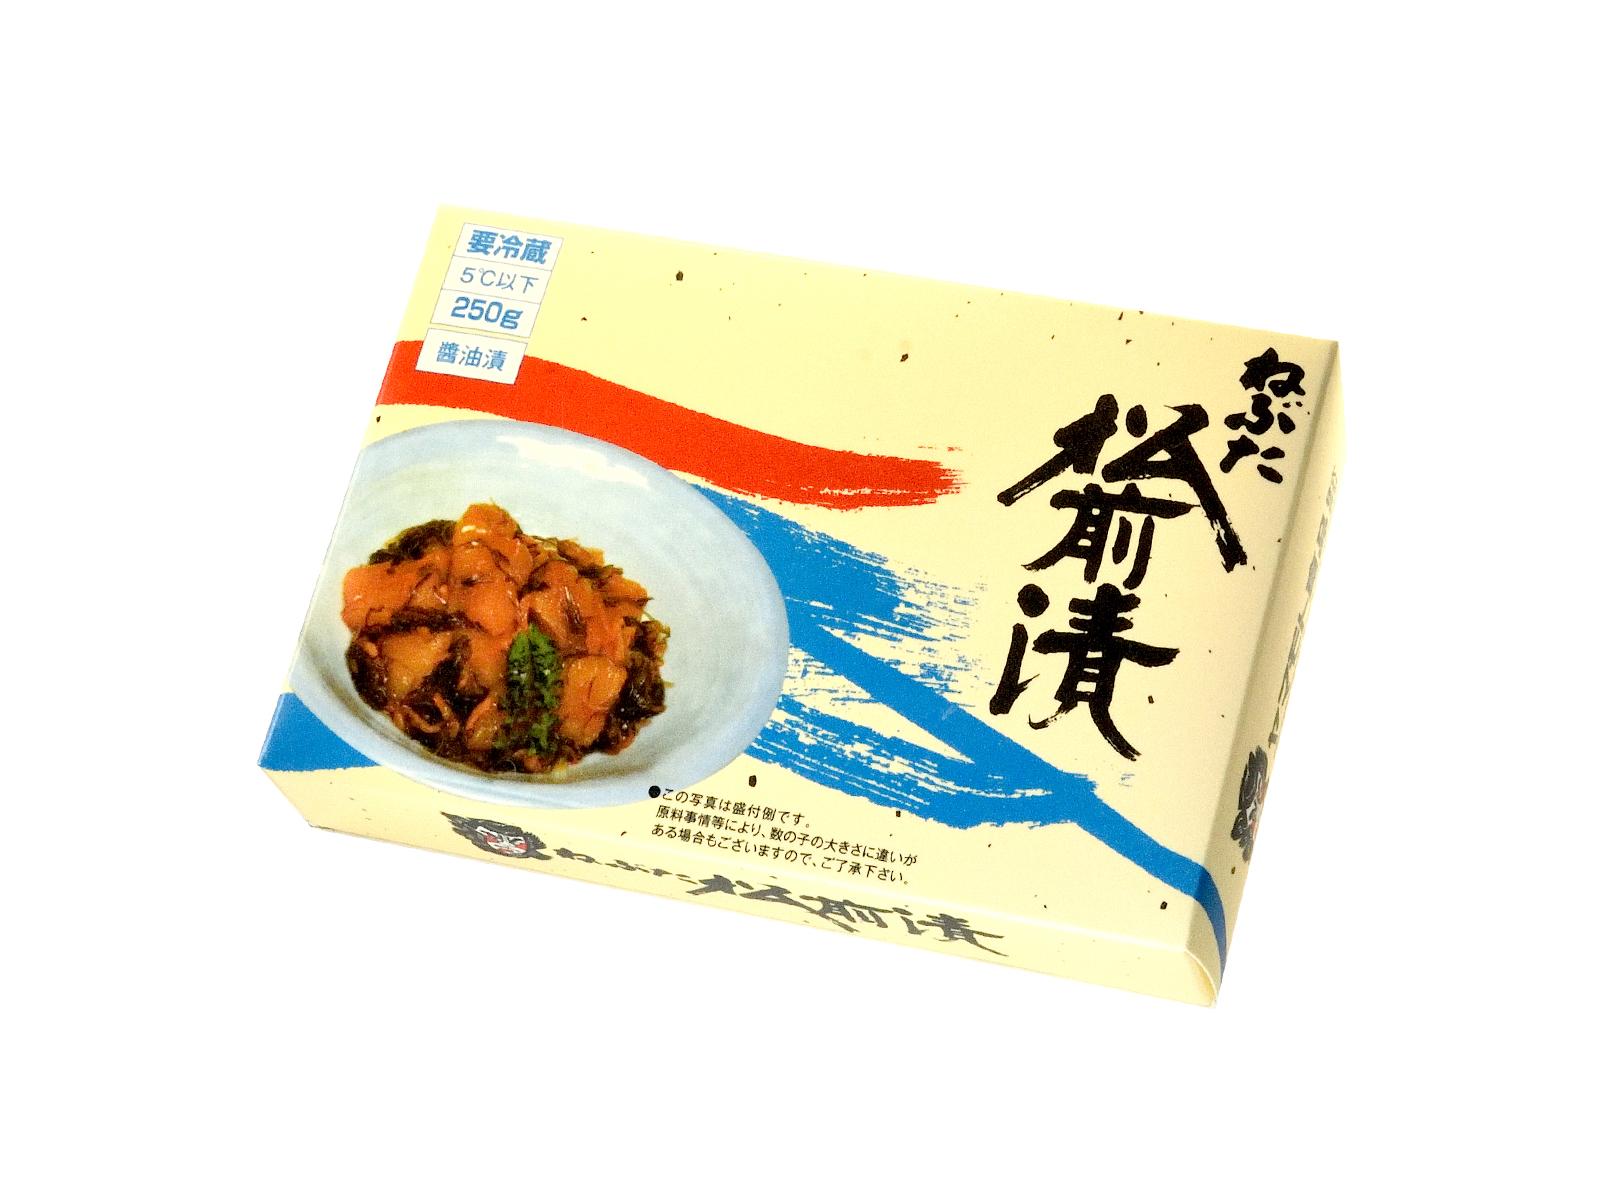 ねぶた松前漬Ⓡ(250g)